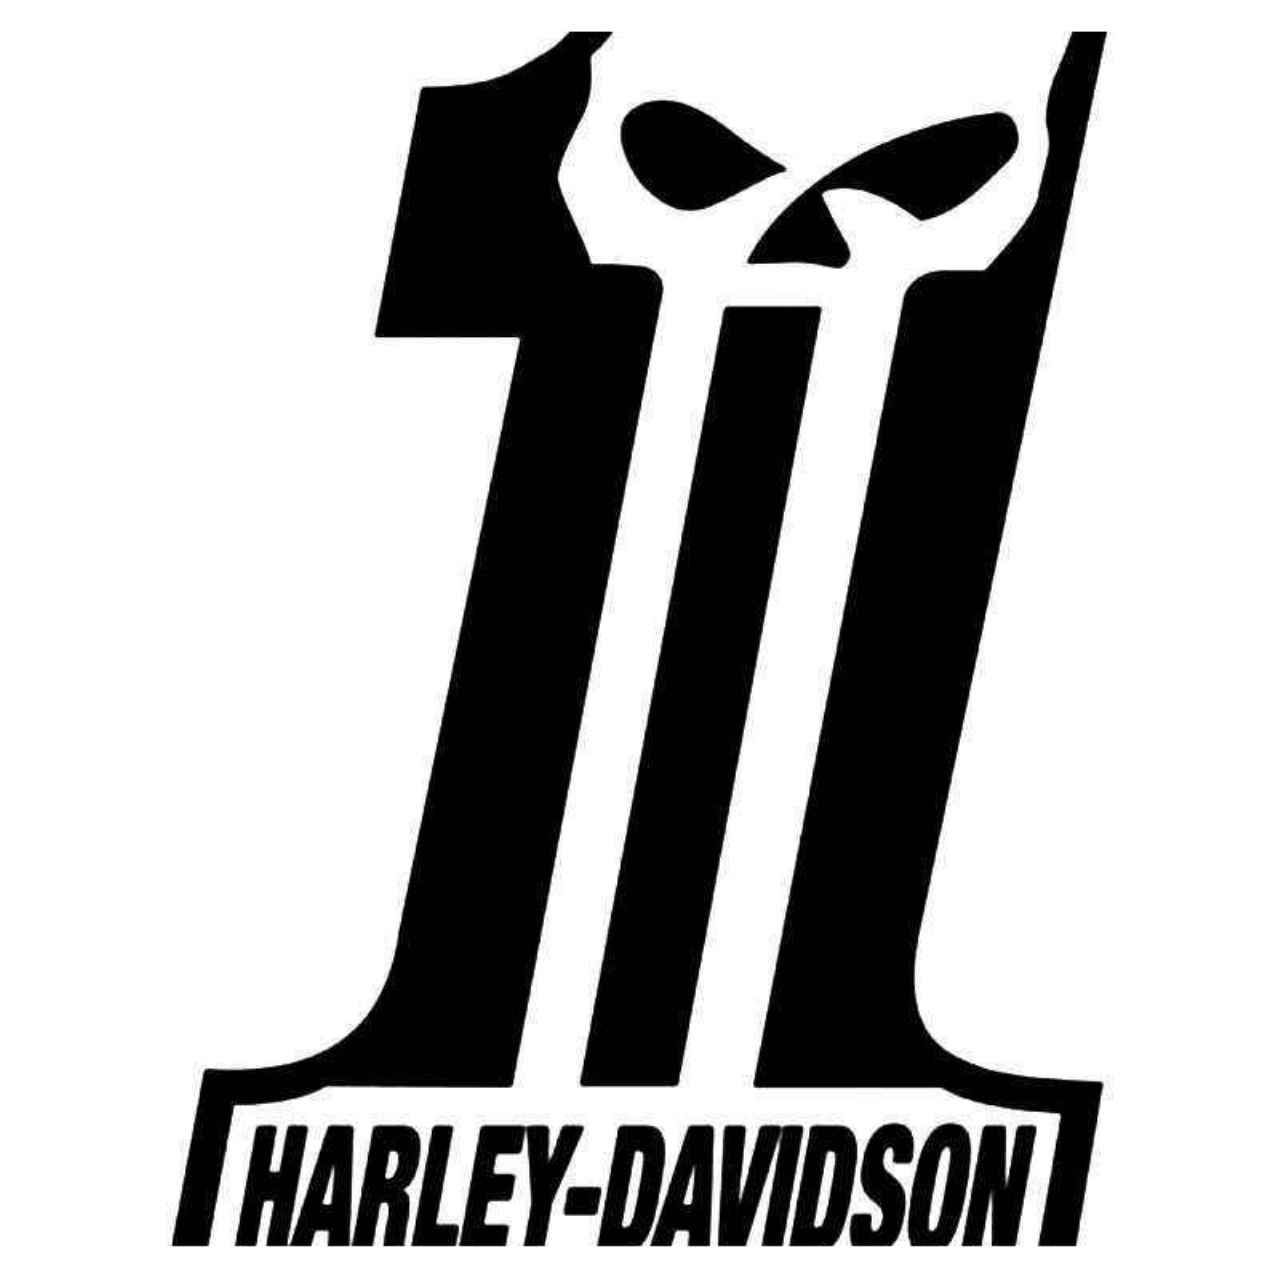 Harley Davidson Motorcycles Dark Customs Skull Vinyl Decal Sticker